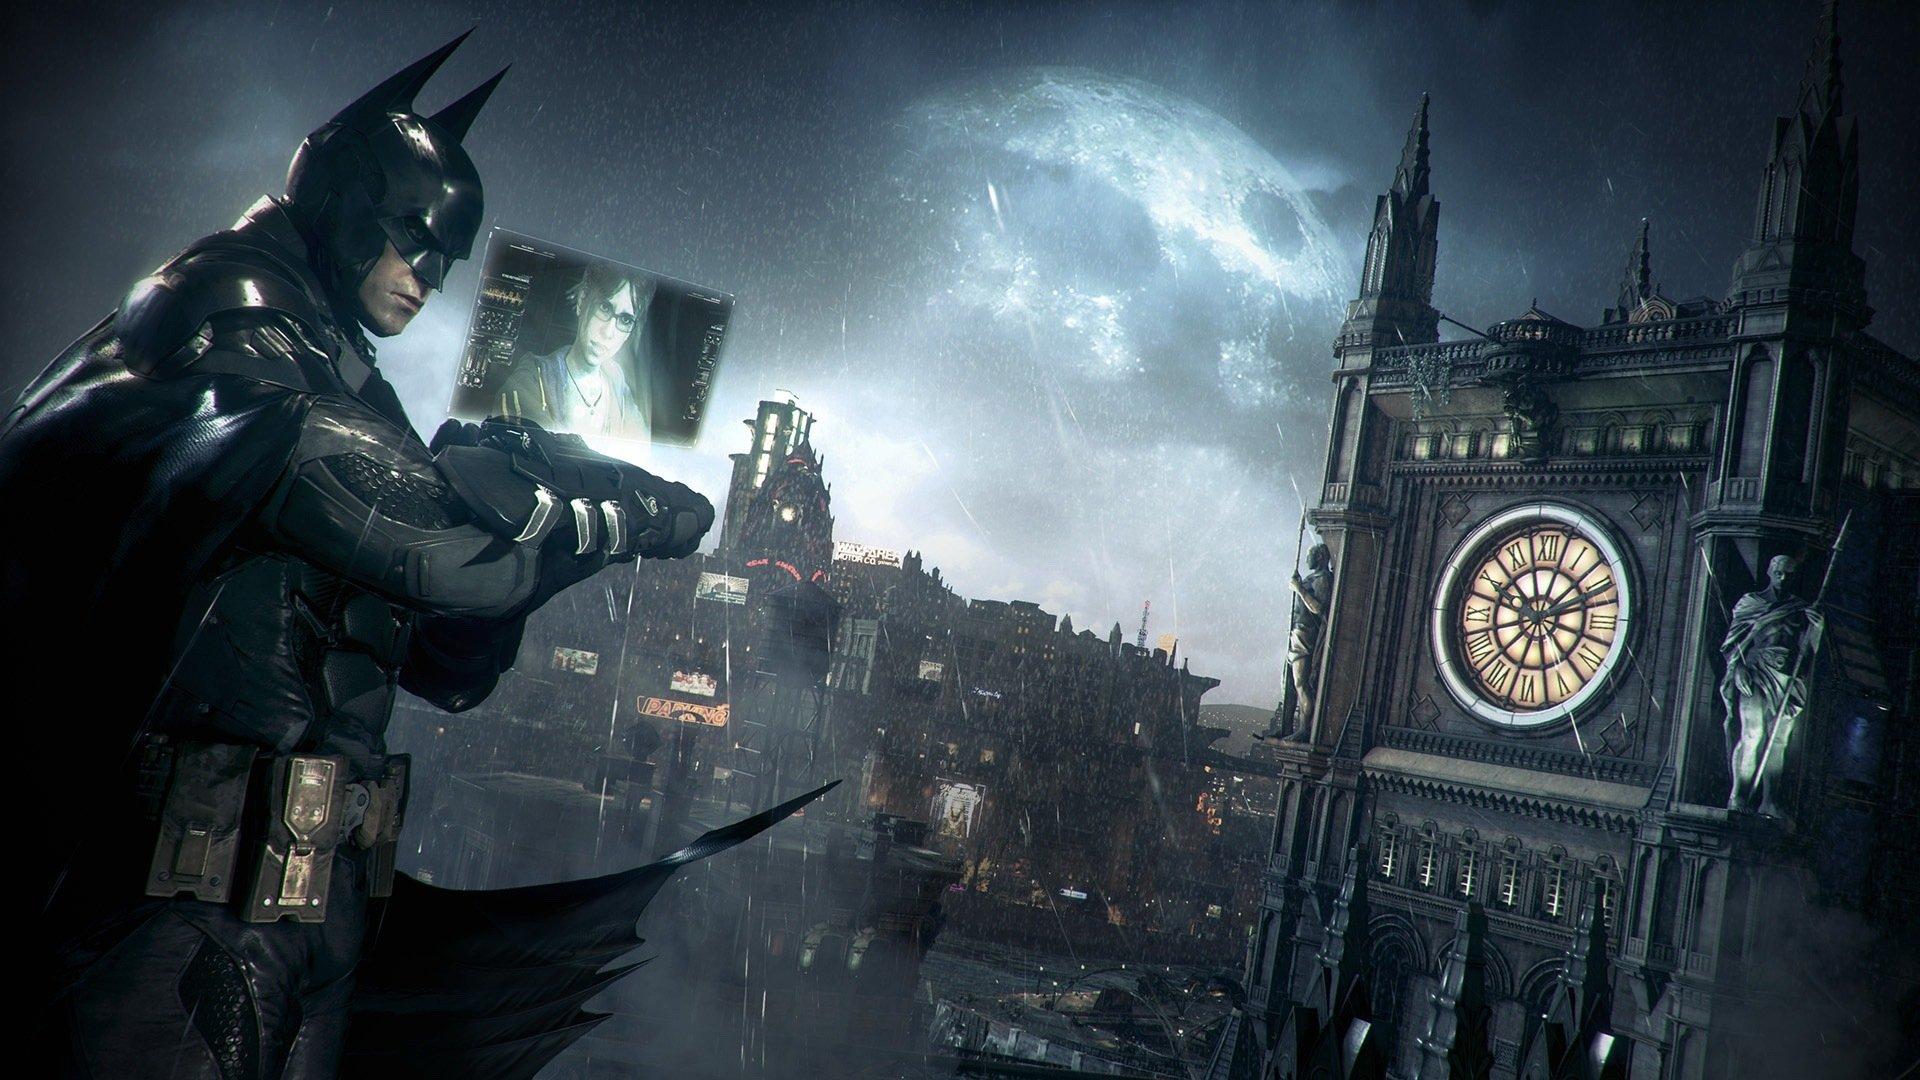 Как сообщают крупные игровые магазины Batman: Рыцарь Аркхэма выйдет на РС только в магазинах цифров. - Изображение 1